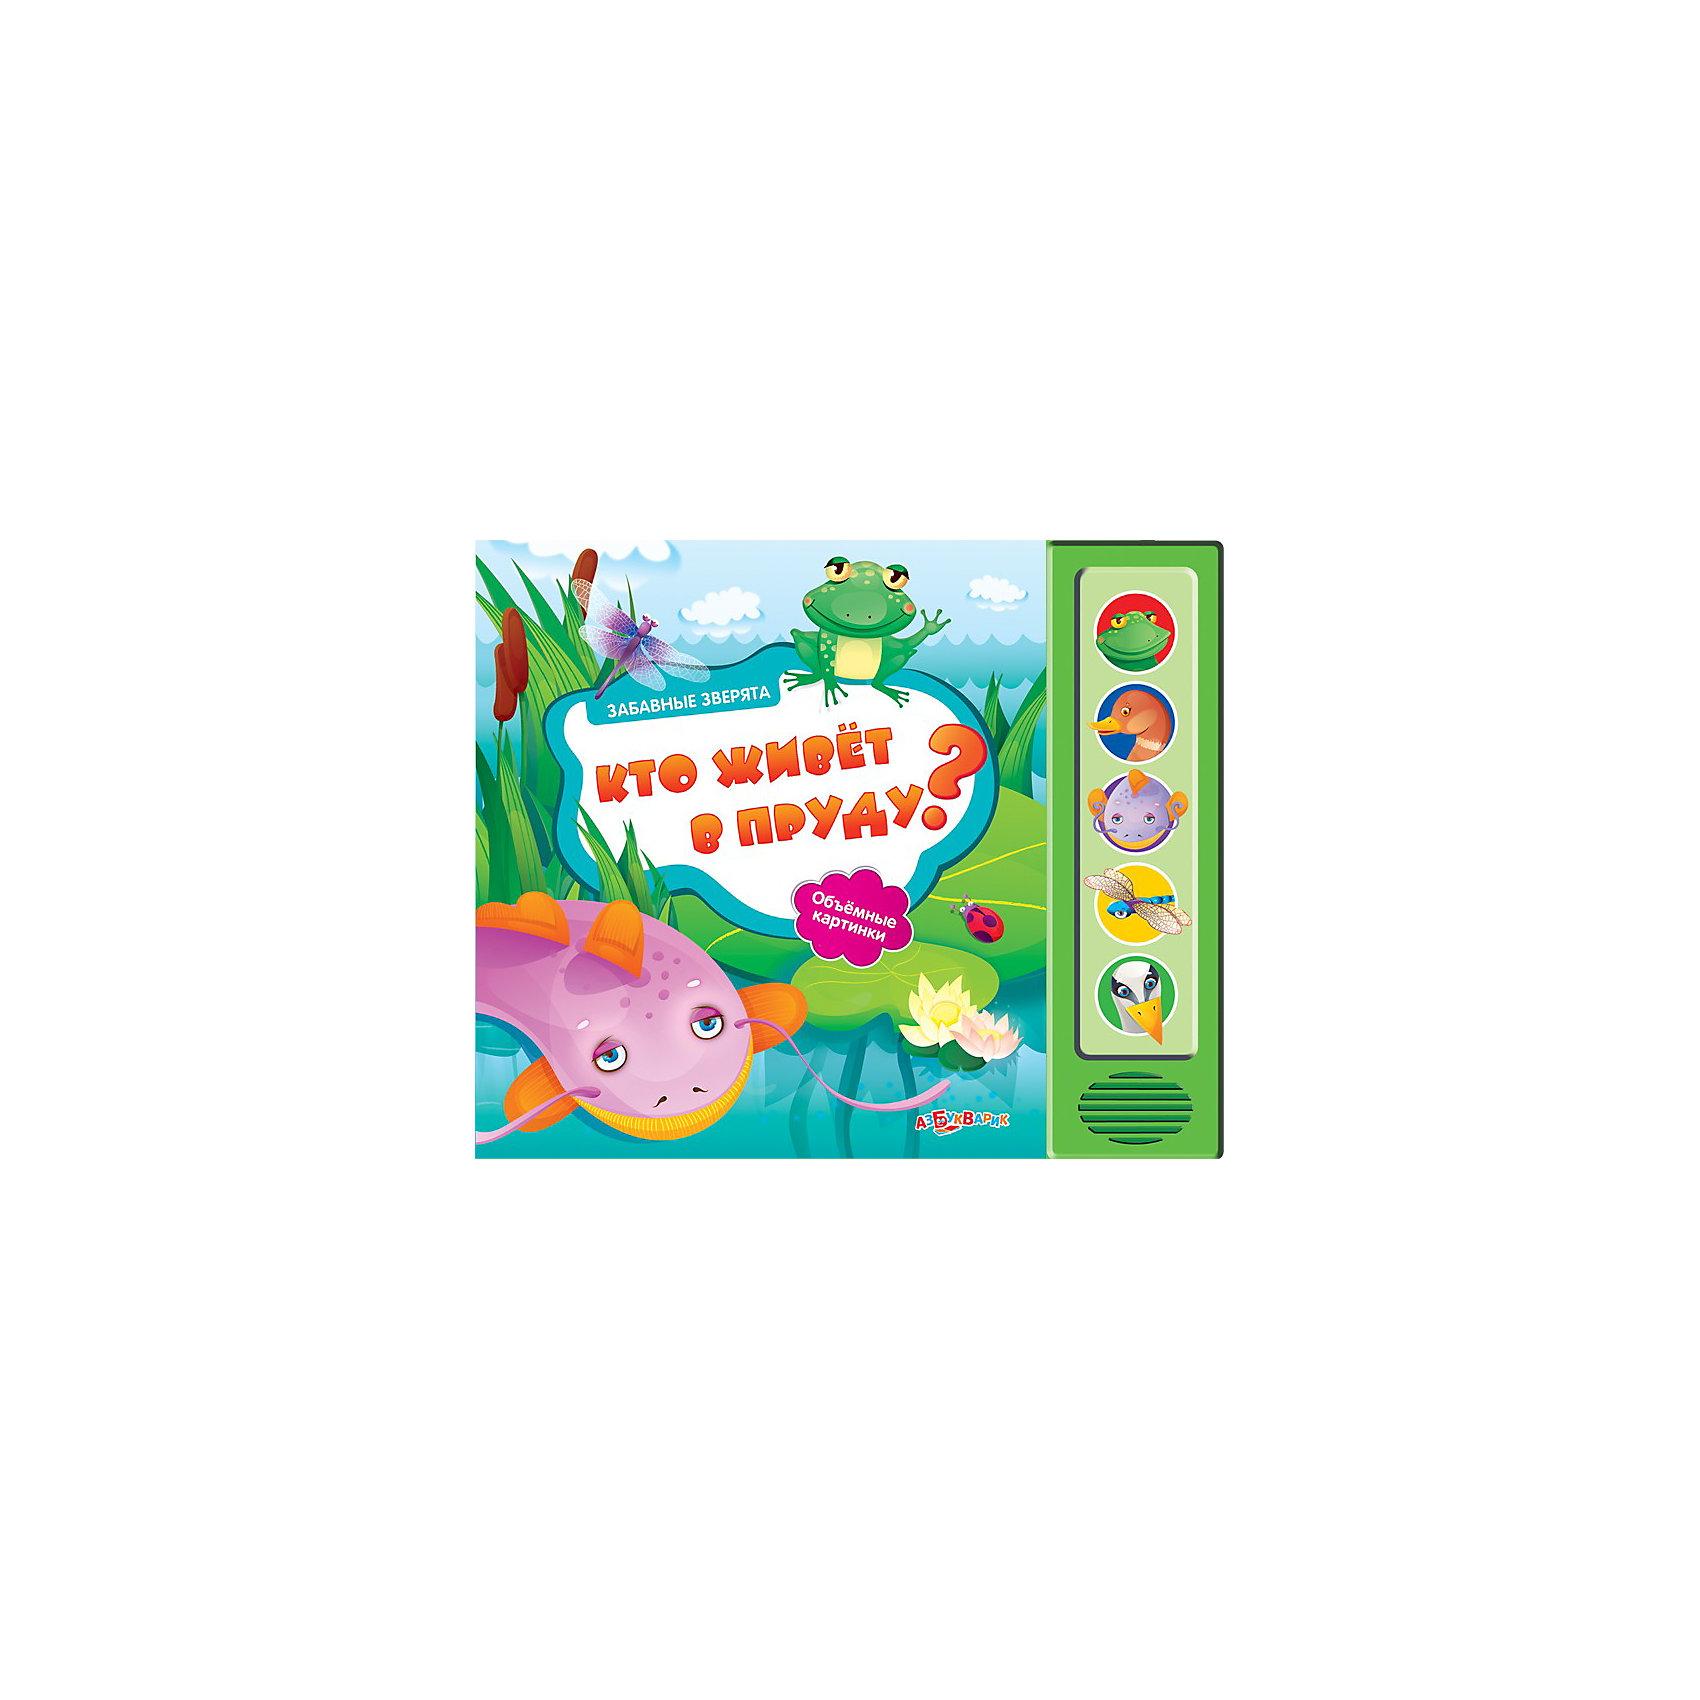 Азбукварик Книга с 5 кнопками Кто живёт в пруду?, Забавные зверята азбукварик азбукварик что умеет лошадка серия мои первые стихи